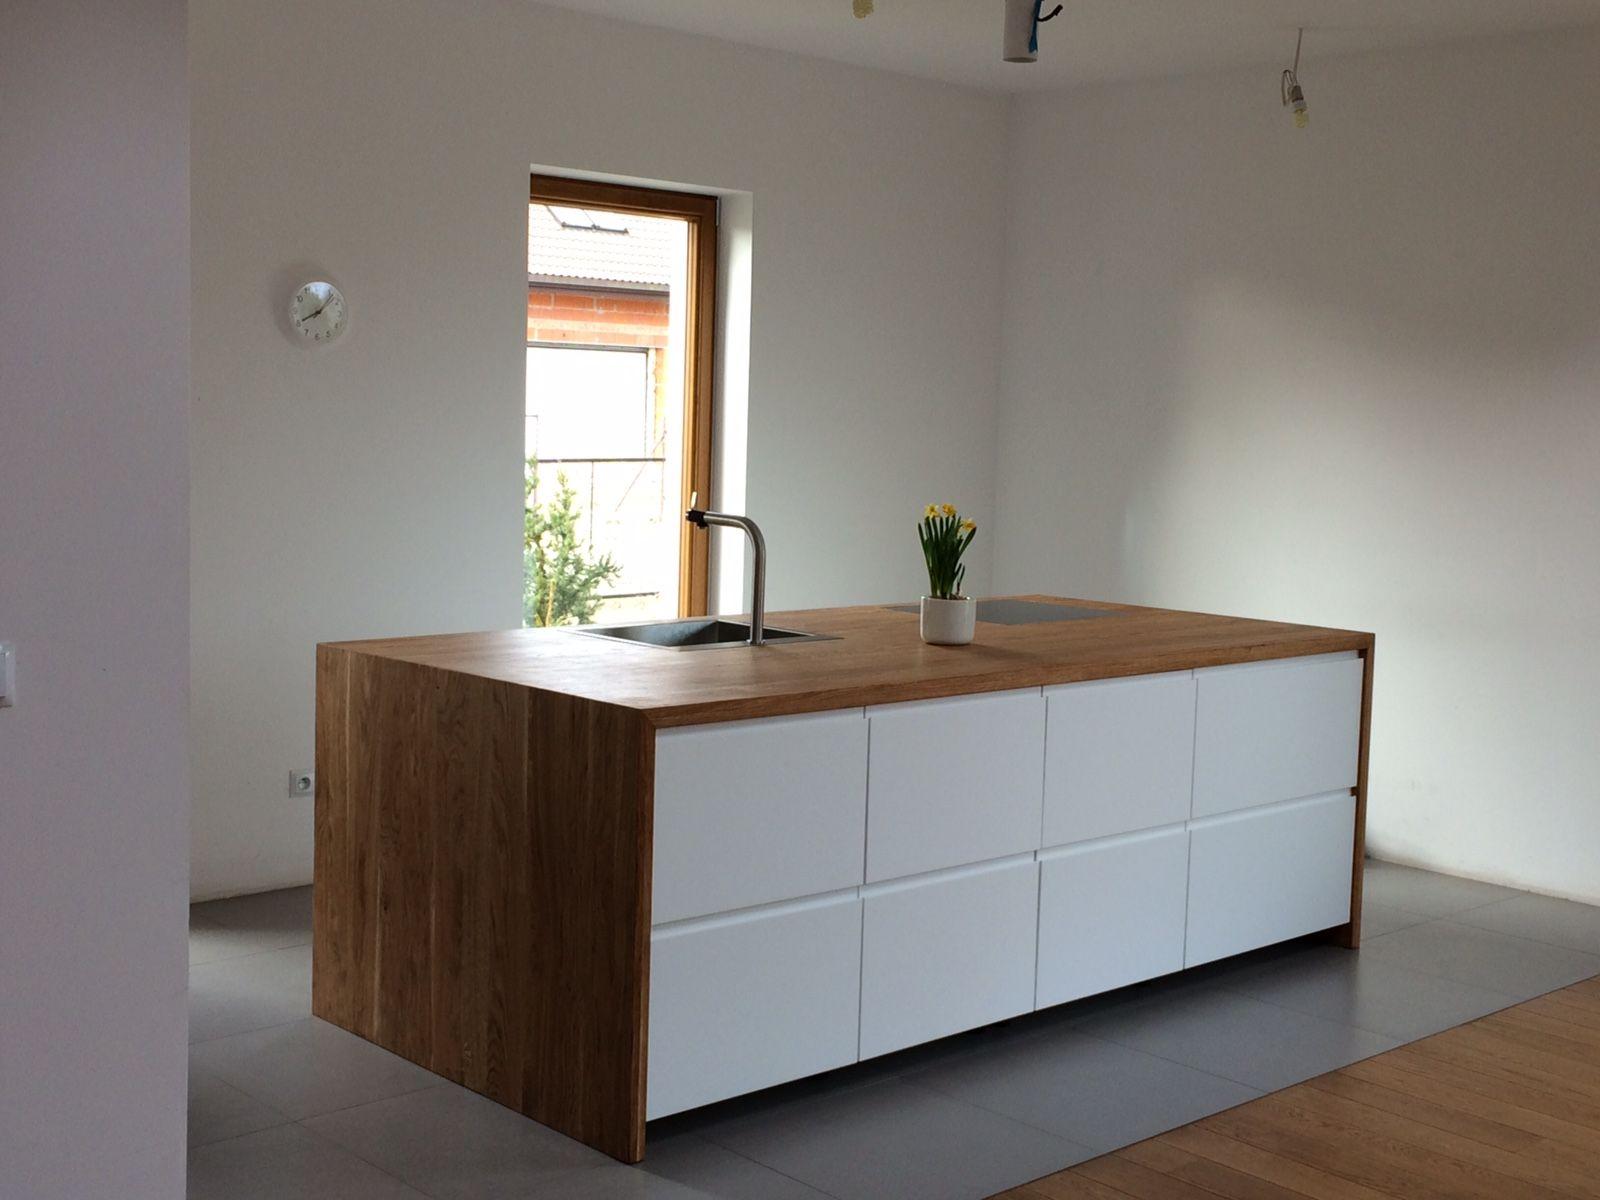 Nett Küchentrends Ayr Ideen - Ideen Für Die Küche Dekoration ...